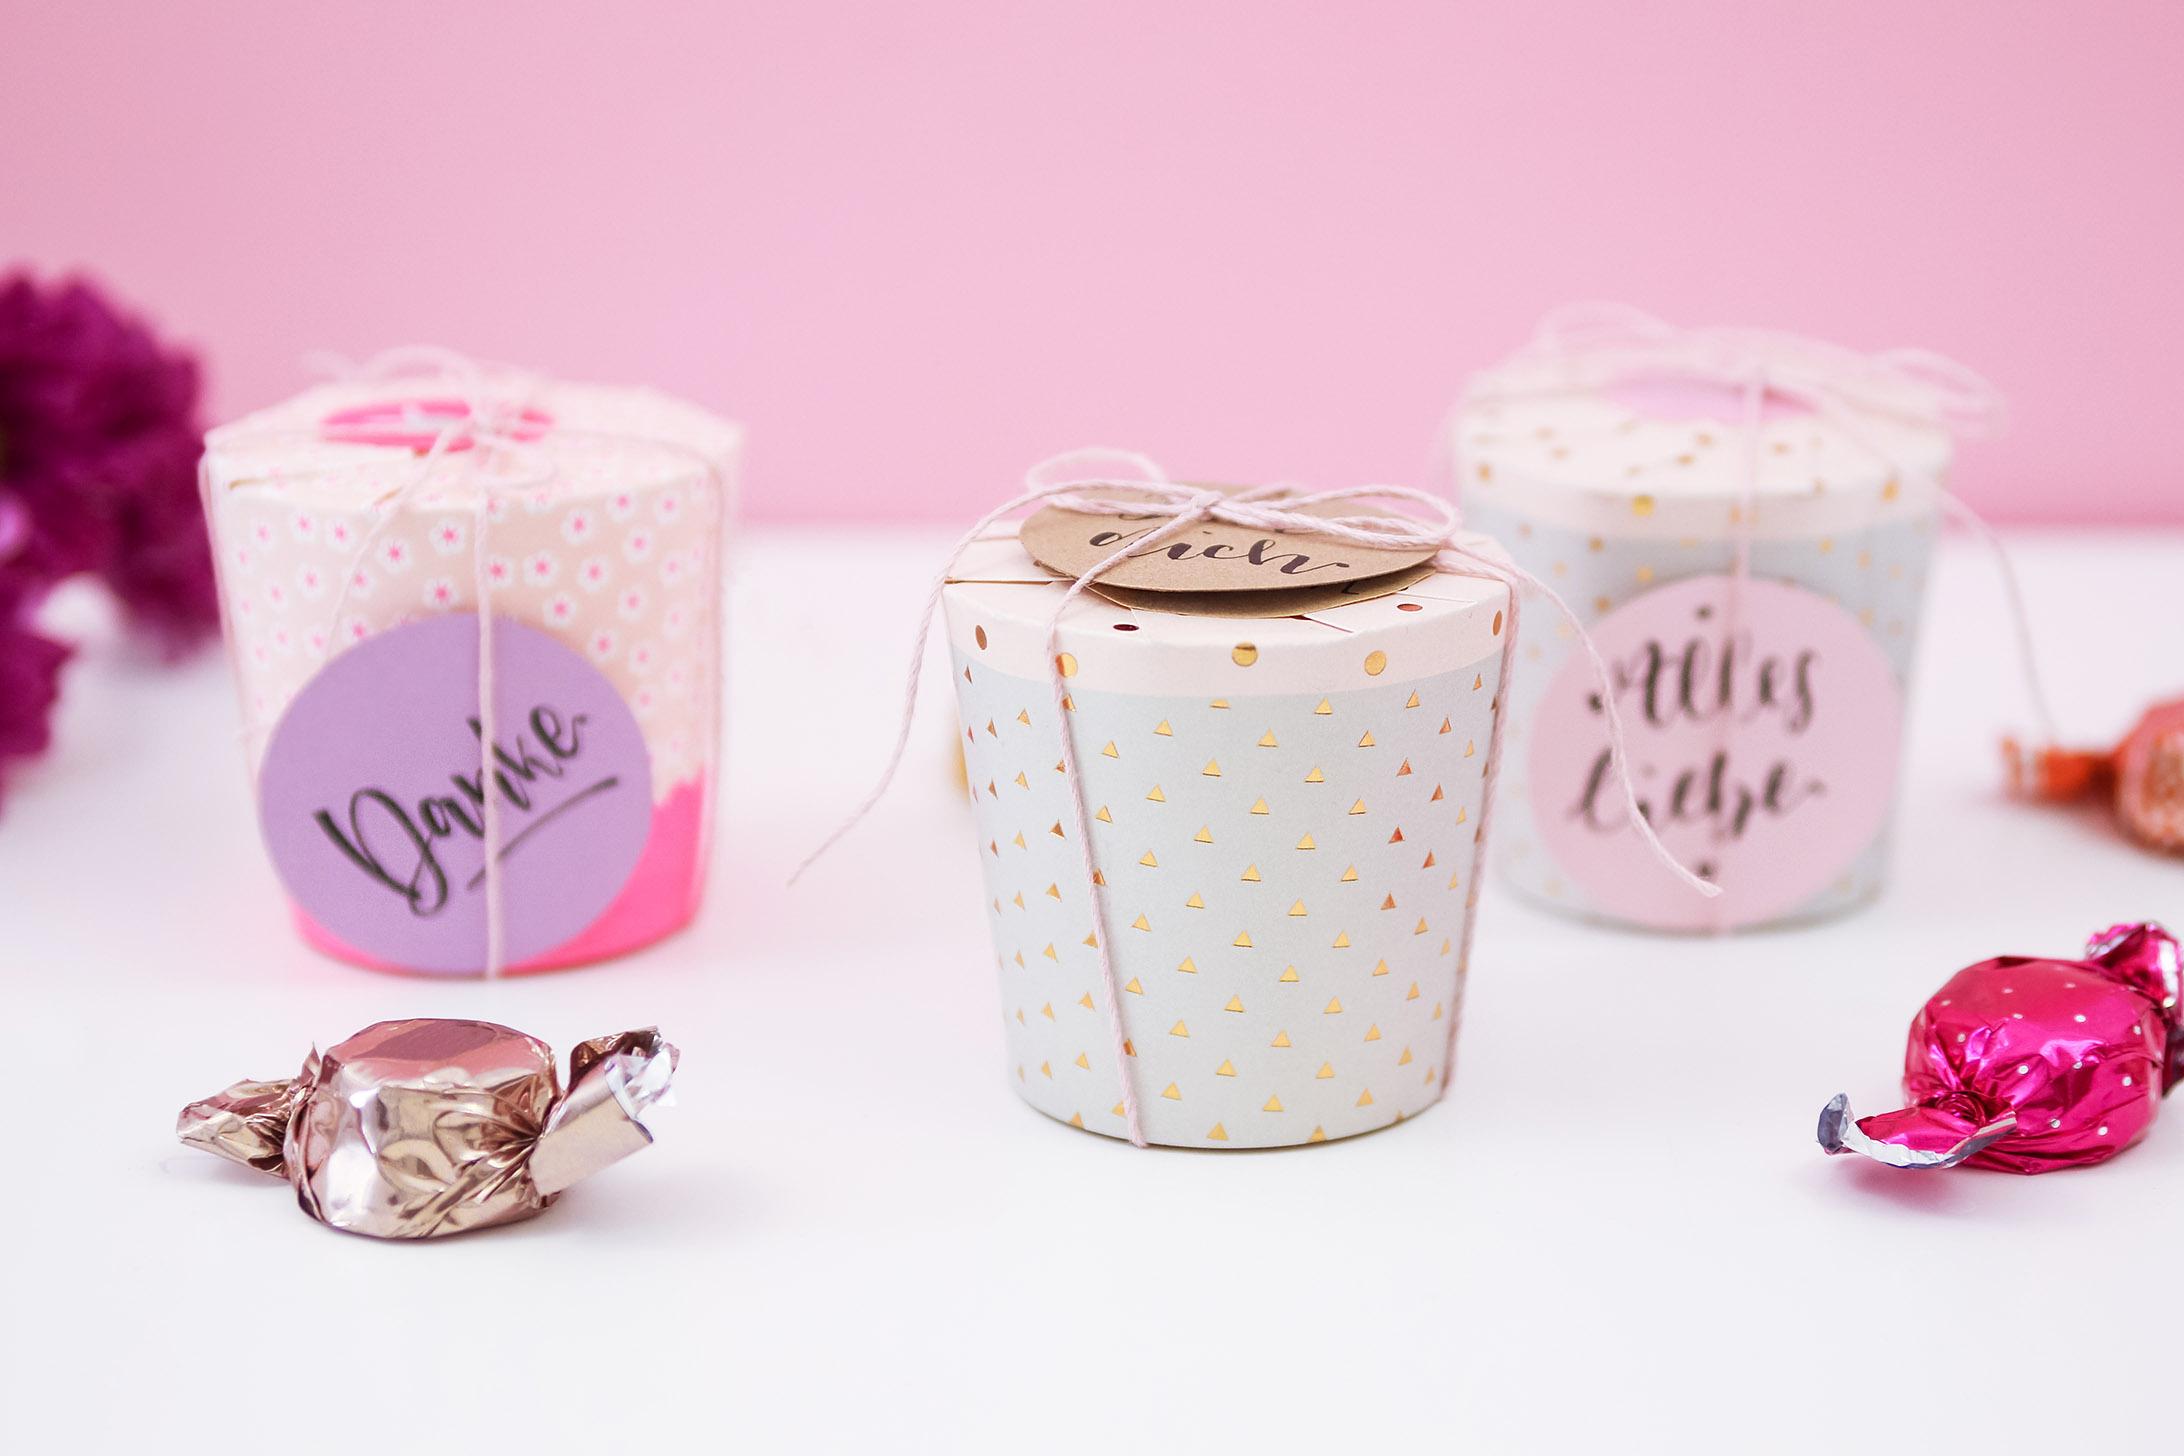 Favorit Süßigkeiten schnell verpackt | Geschenke basteln mit Judith IB26